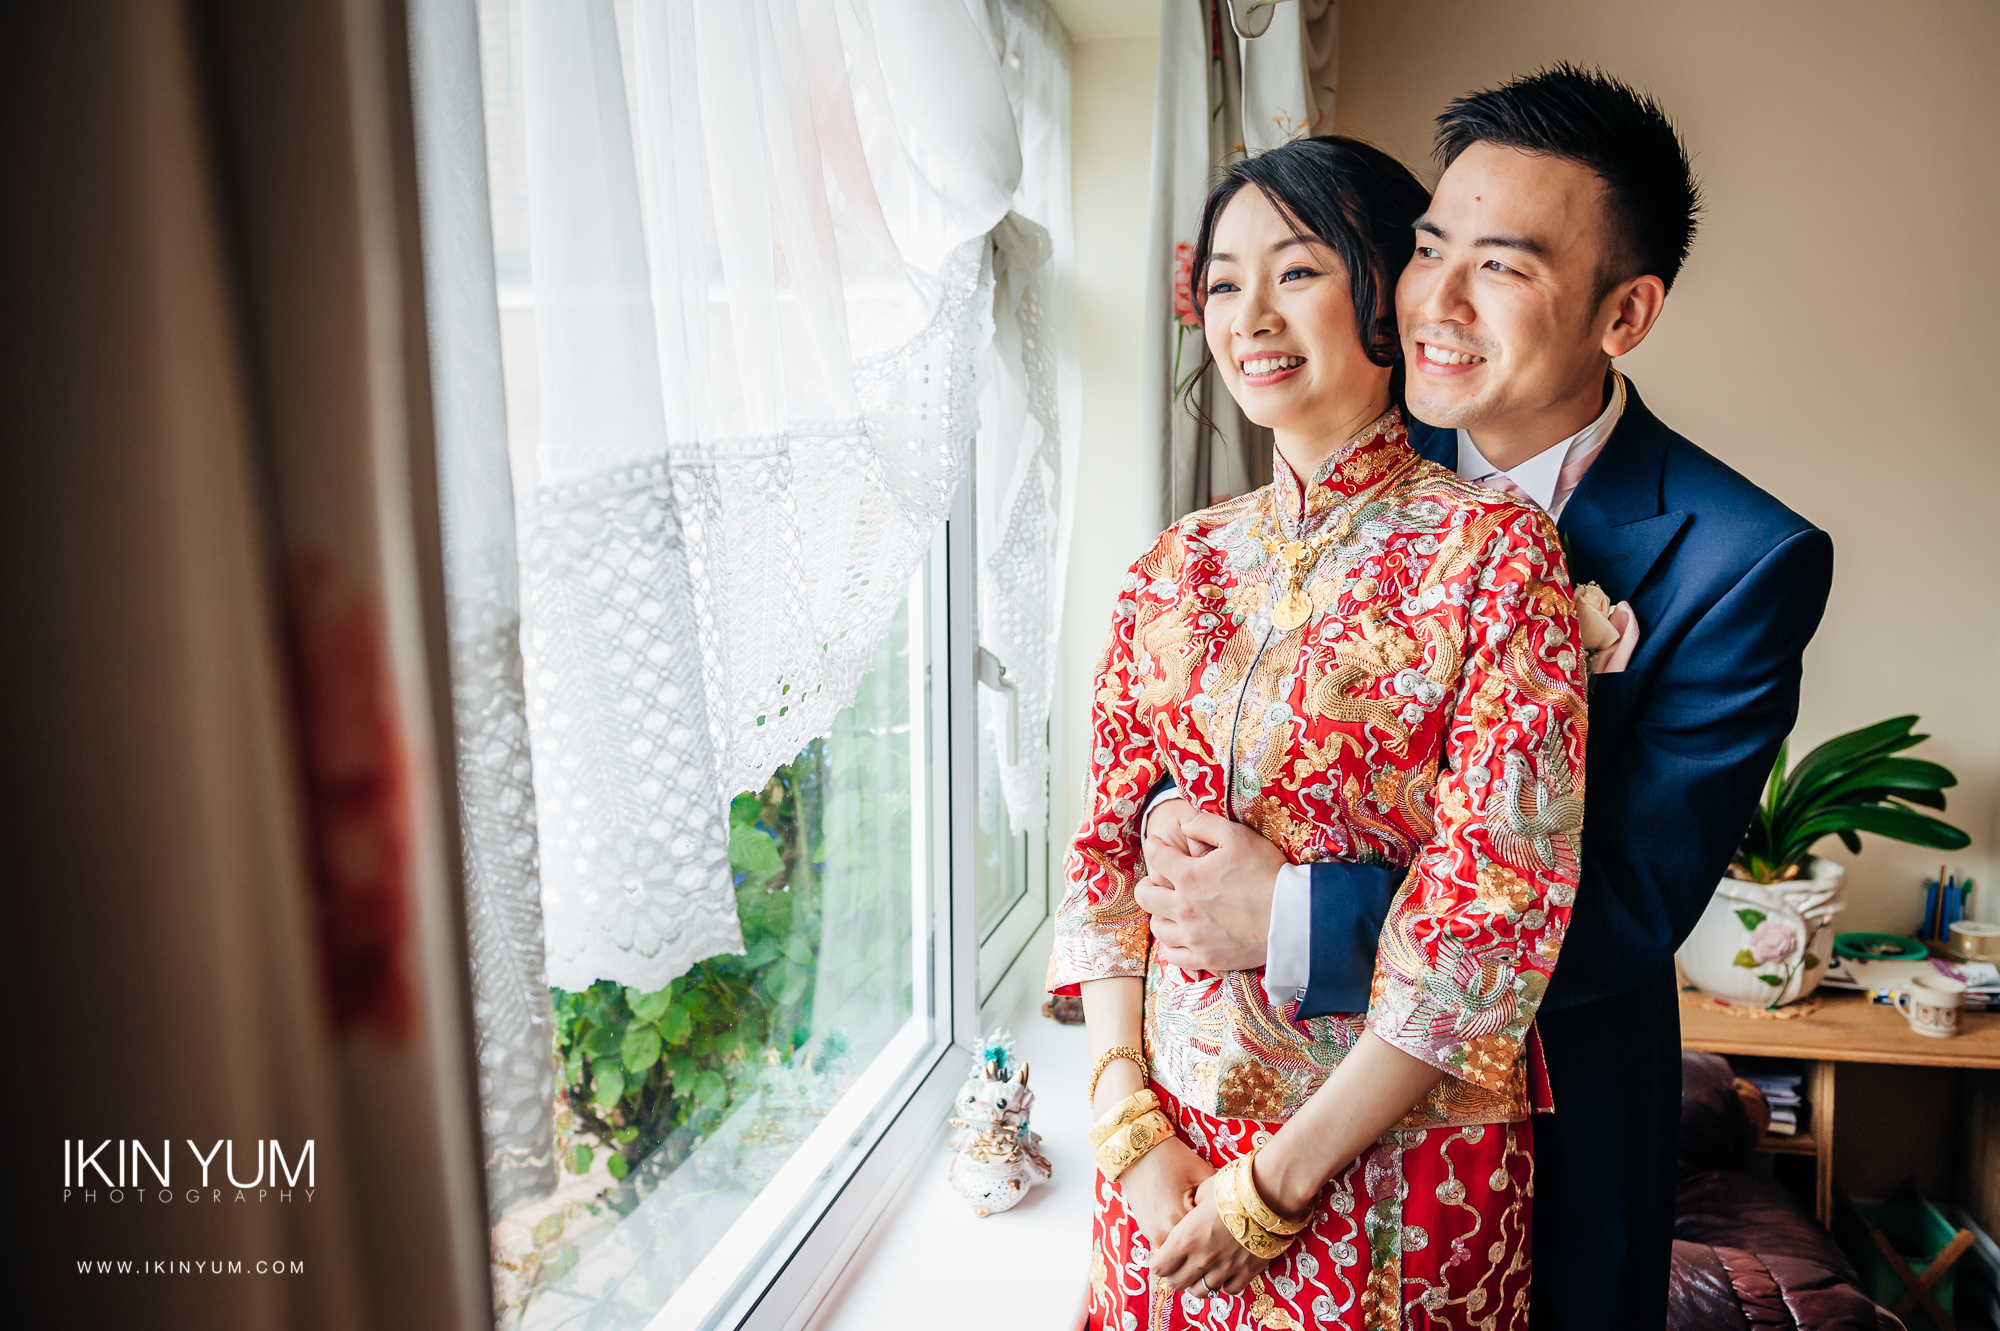 Sylvianne & Chun Wedding Day - Ikin Yum Photography-035.jpg